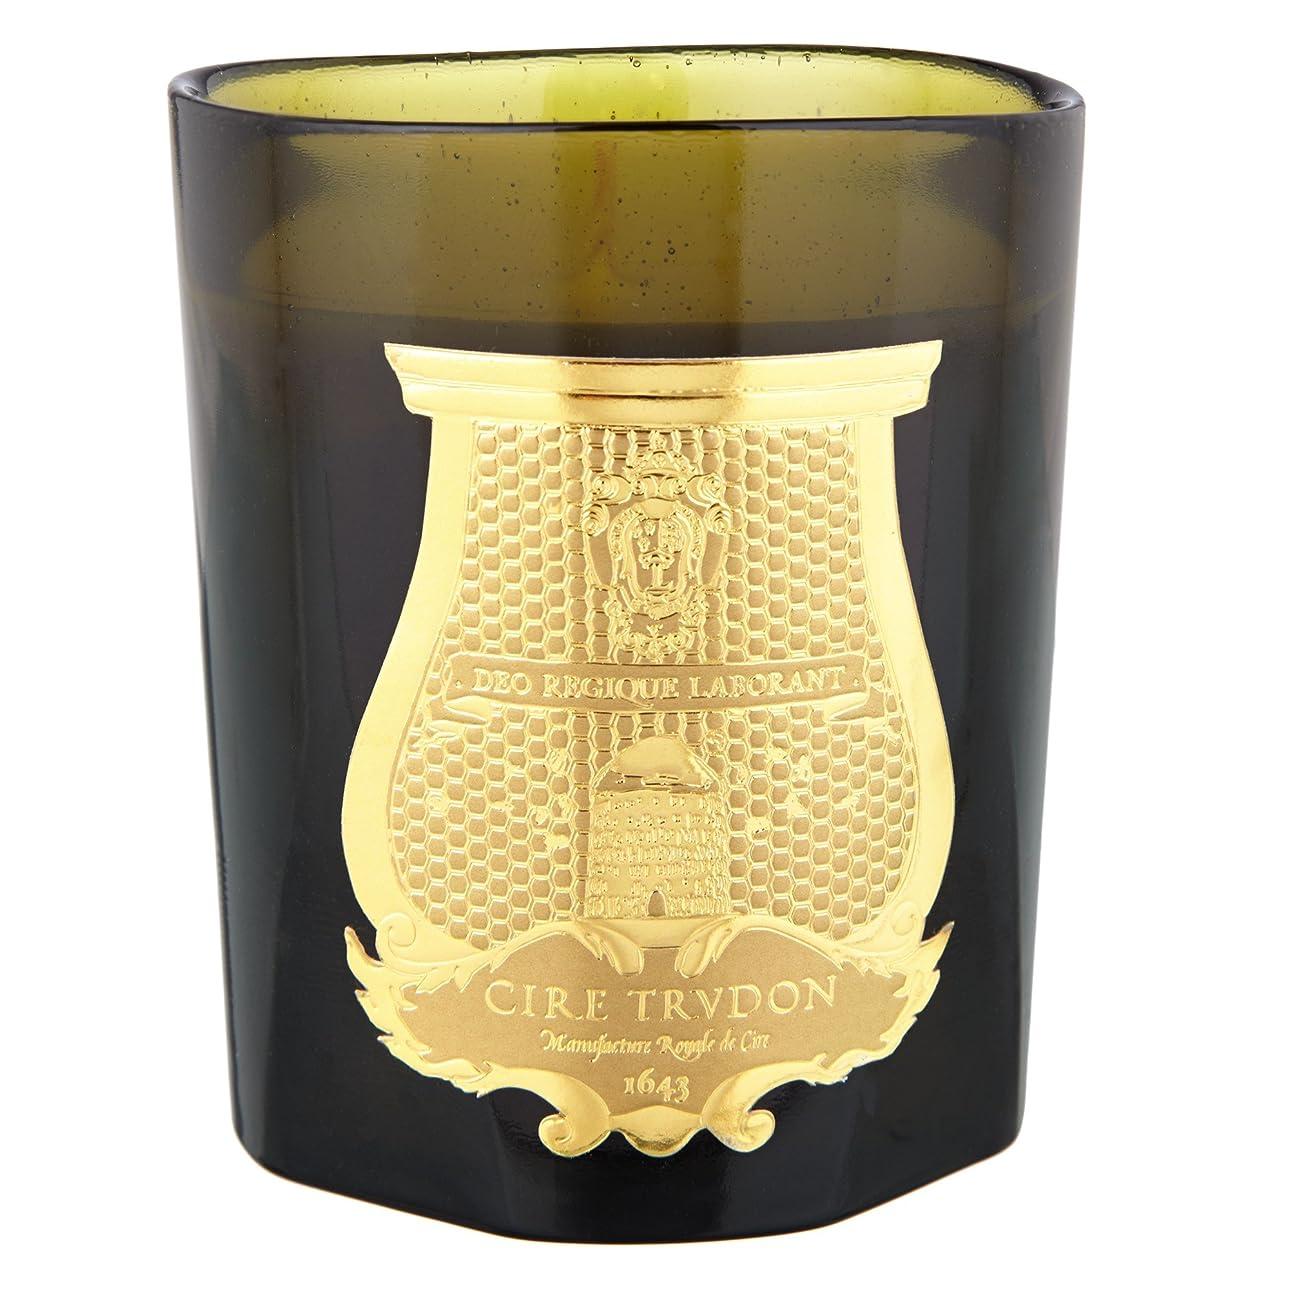 熱意ギャロップ皮Cire Trudonオダリスク香りのキャンドル (Cire Trudon) - Cire Trudon Odalisque Scented Candle [並行輸入品]